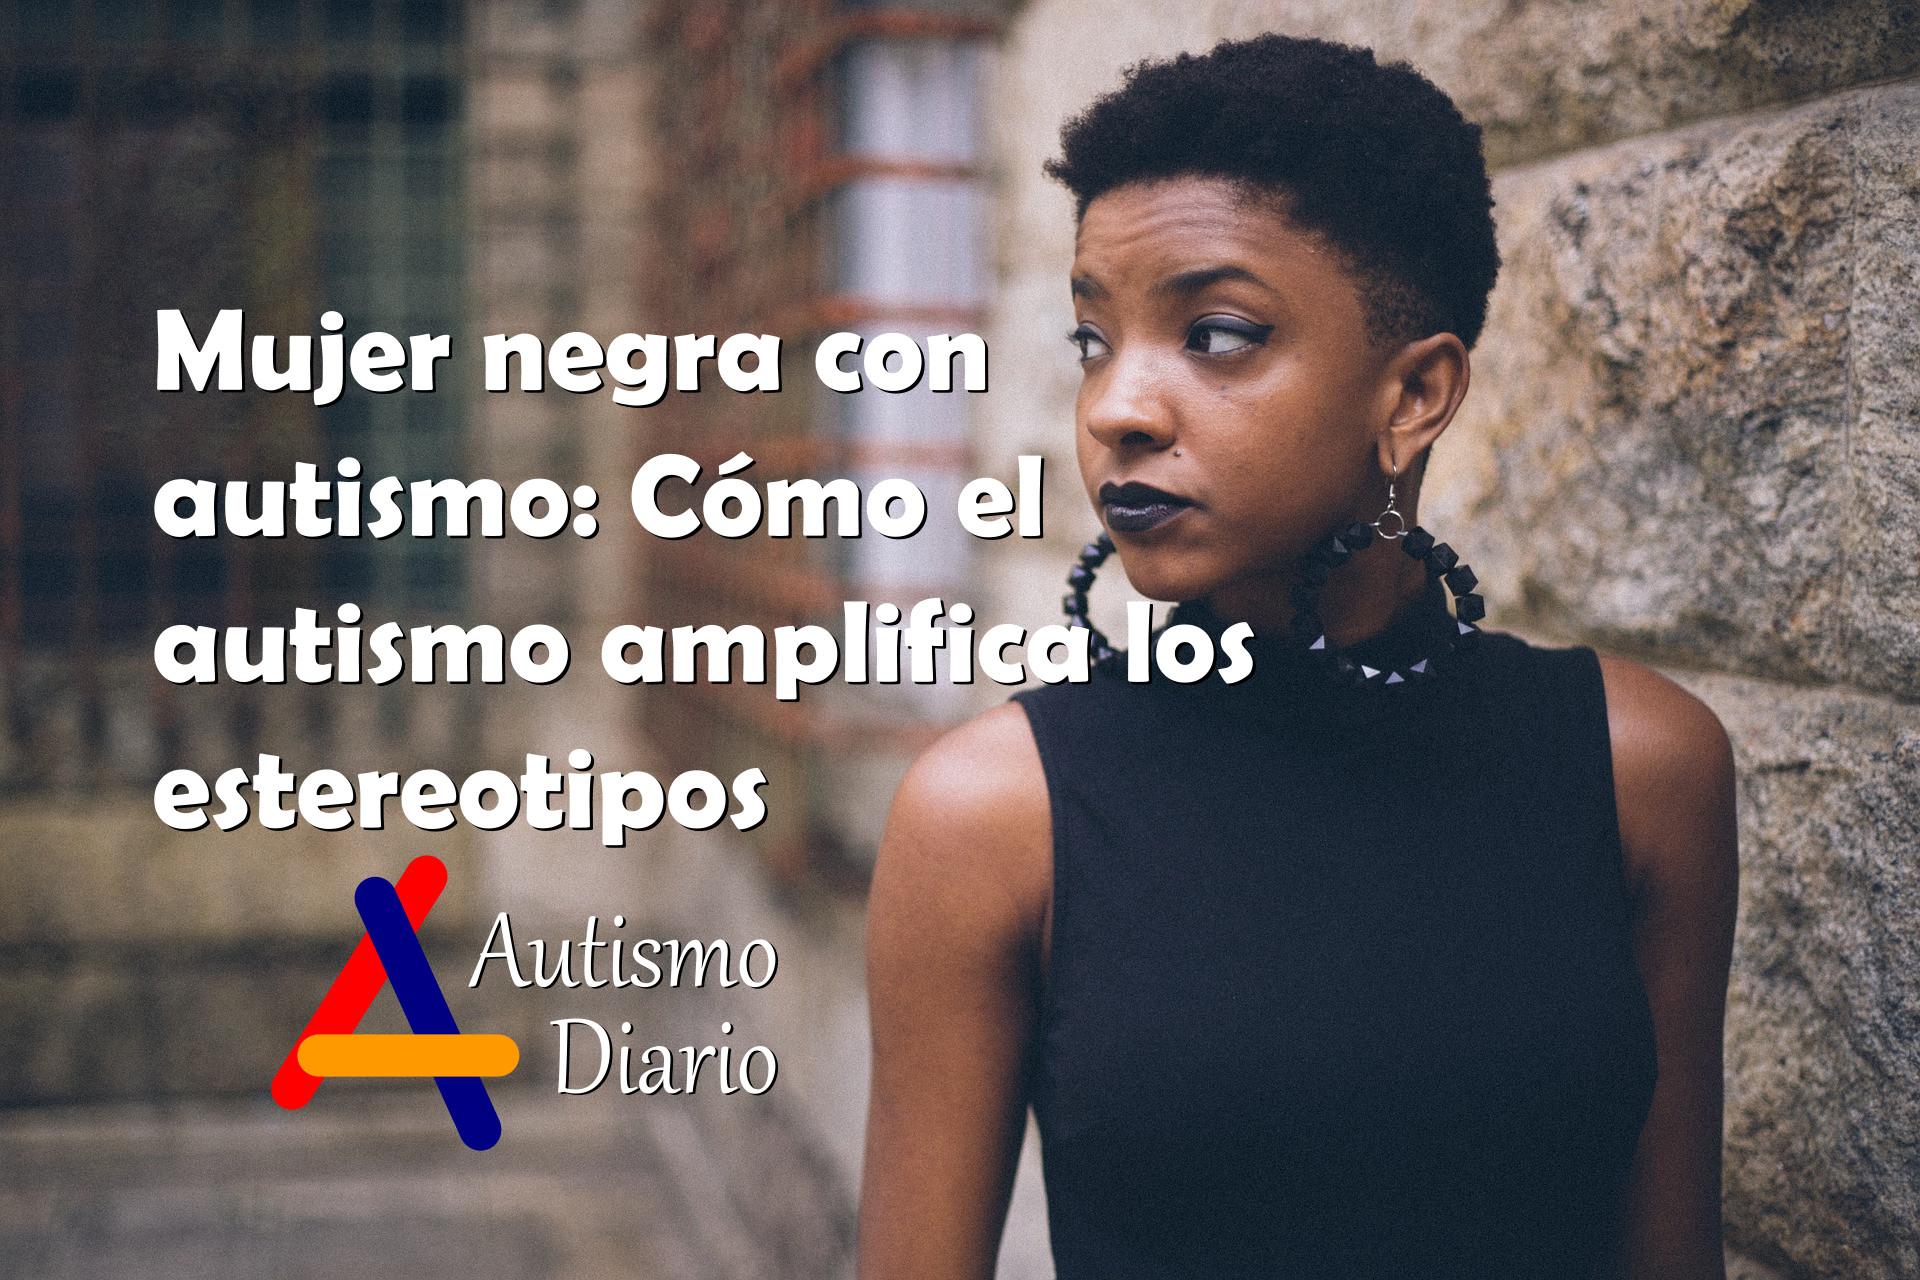 Mujer negra con autismo